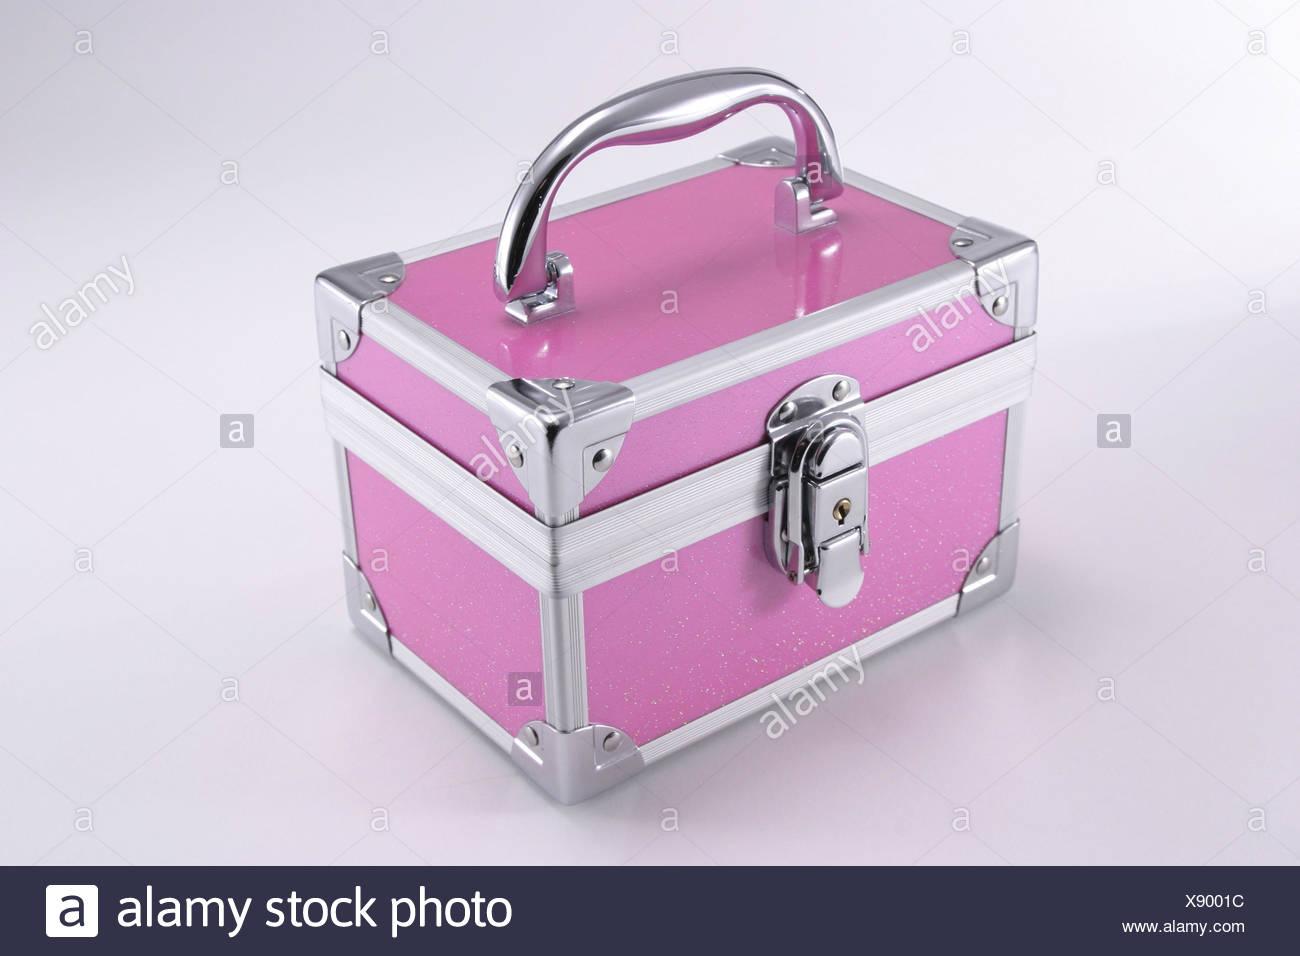 Make Up Kast : Make up koffer koffer koffer schatz schatz brust brust kleine